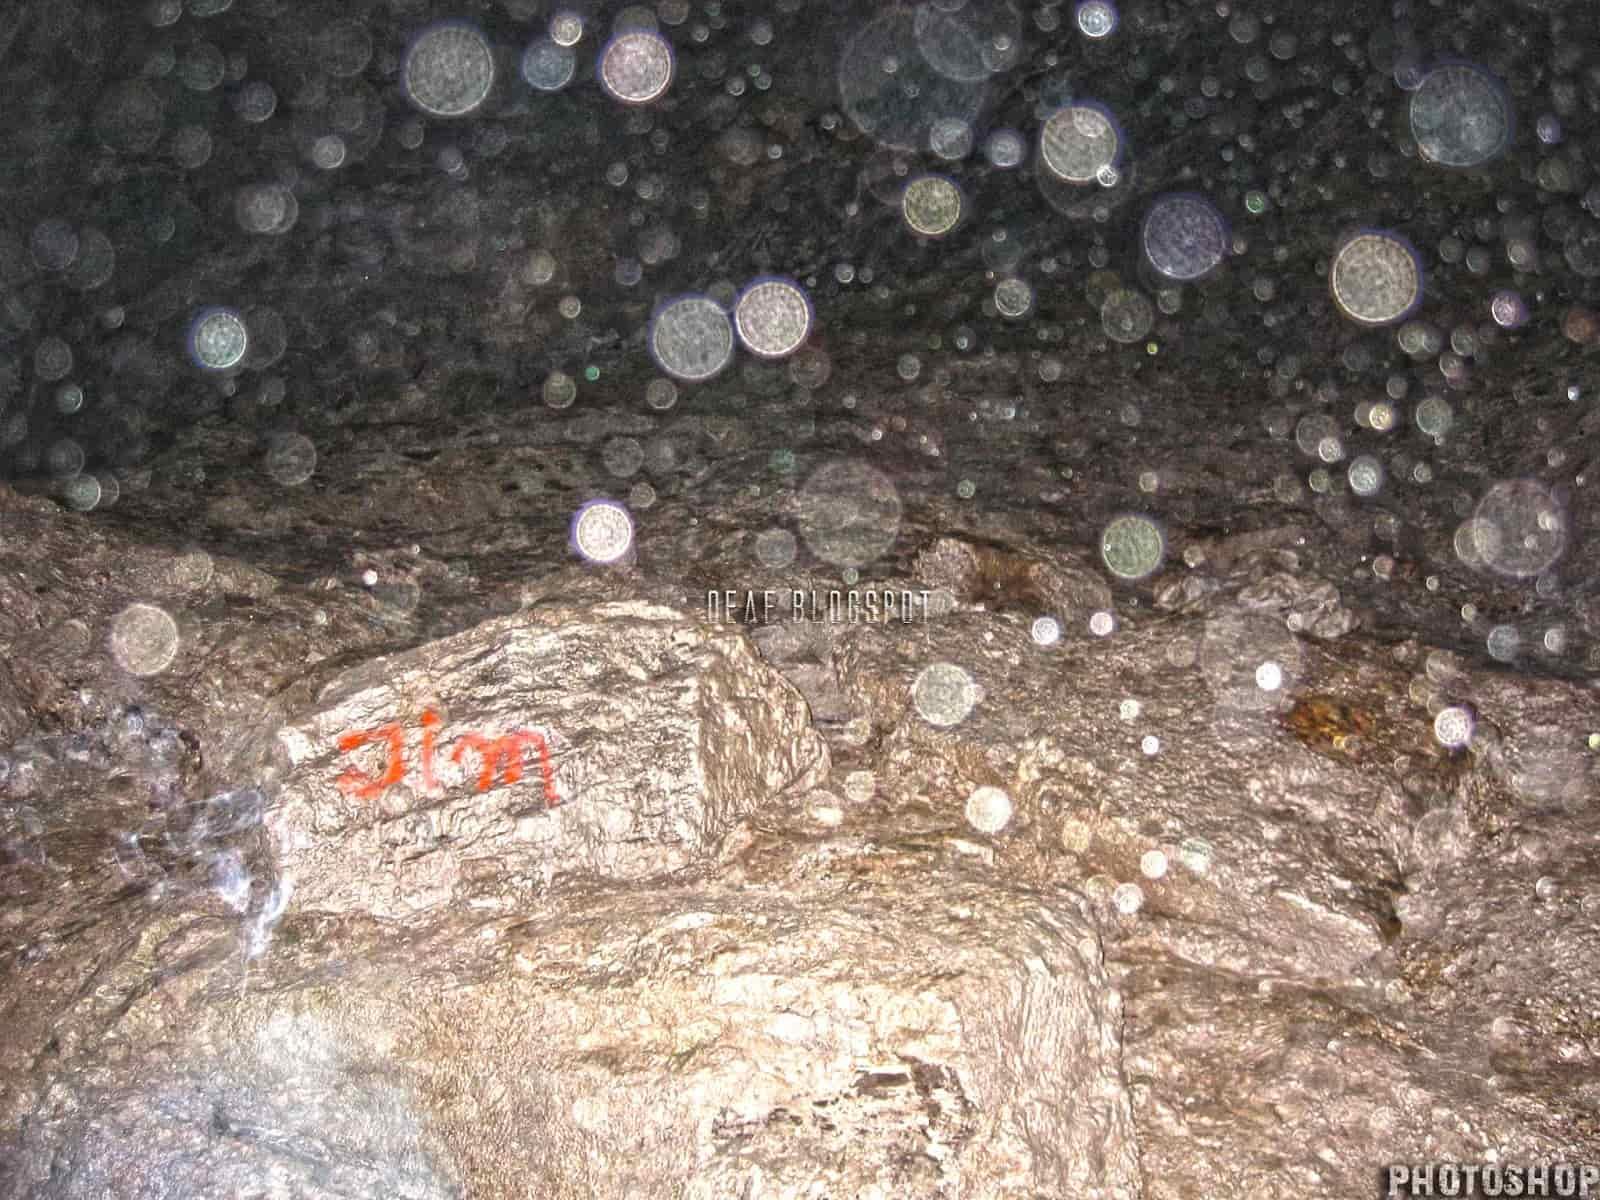 Σπήλαιο της Πεντέλης